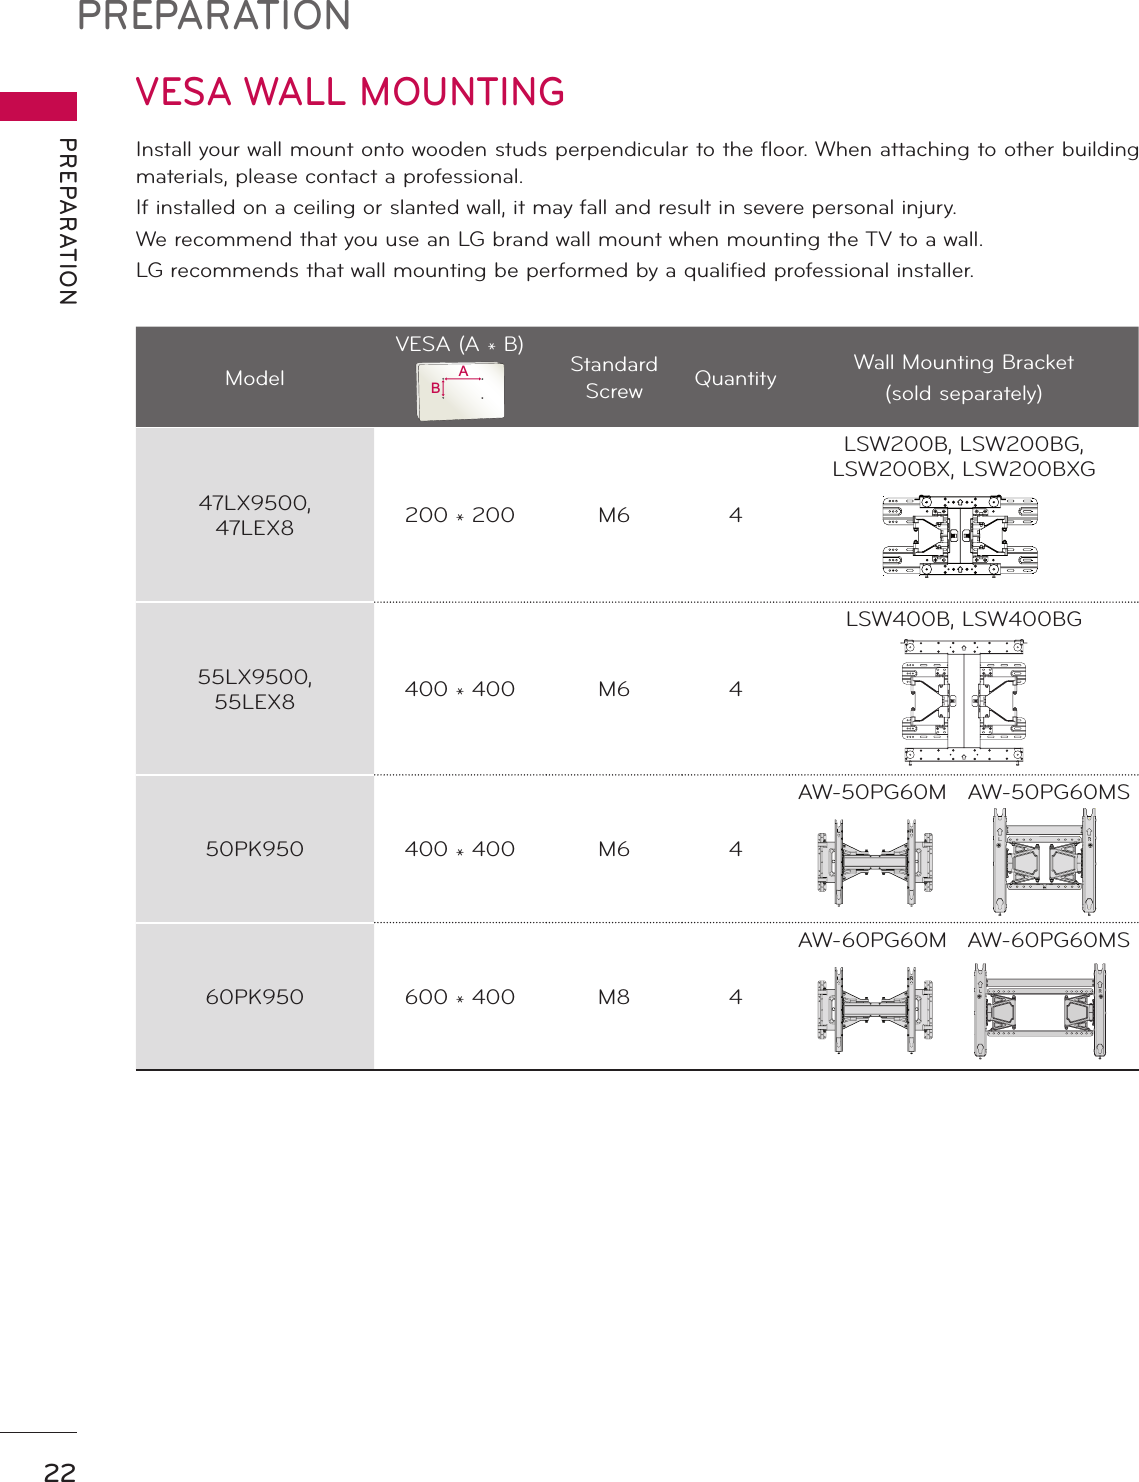 LG 55LX9500 SAC34134205_1 User Manual Owner's Sac34134205 2 Eng